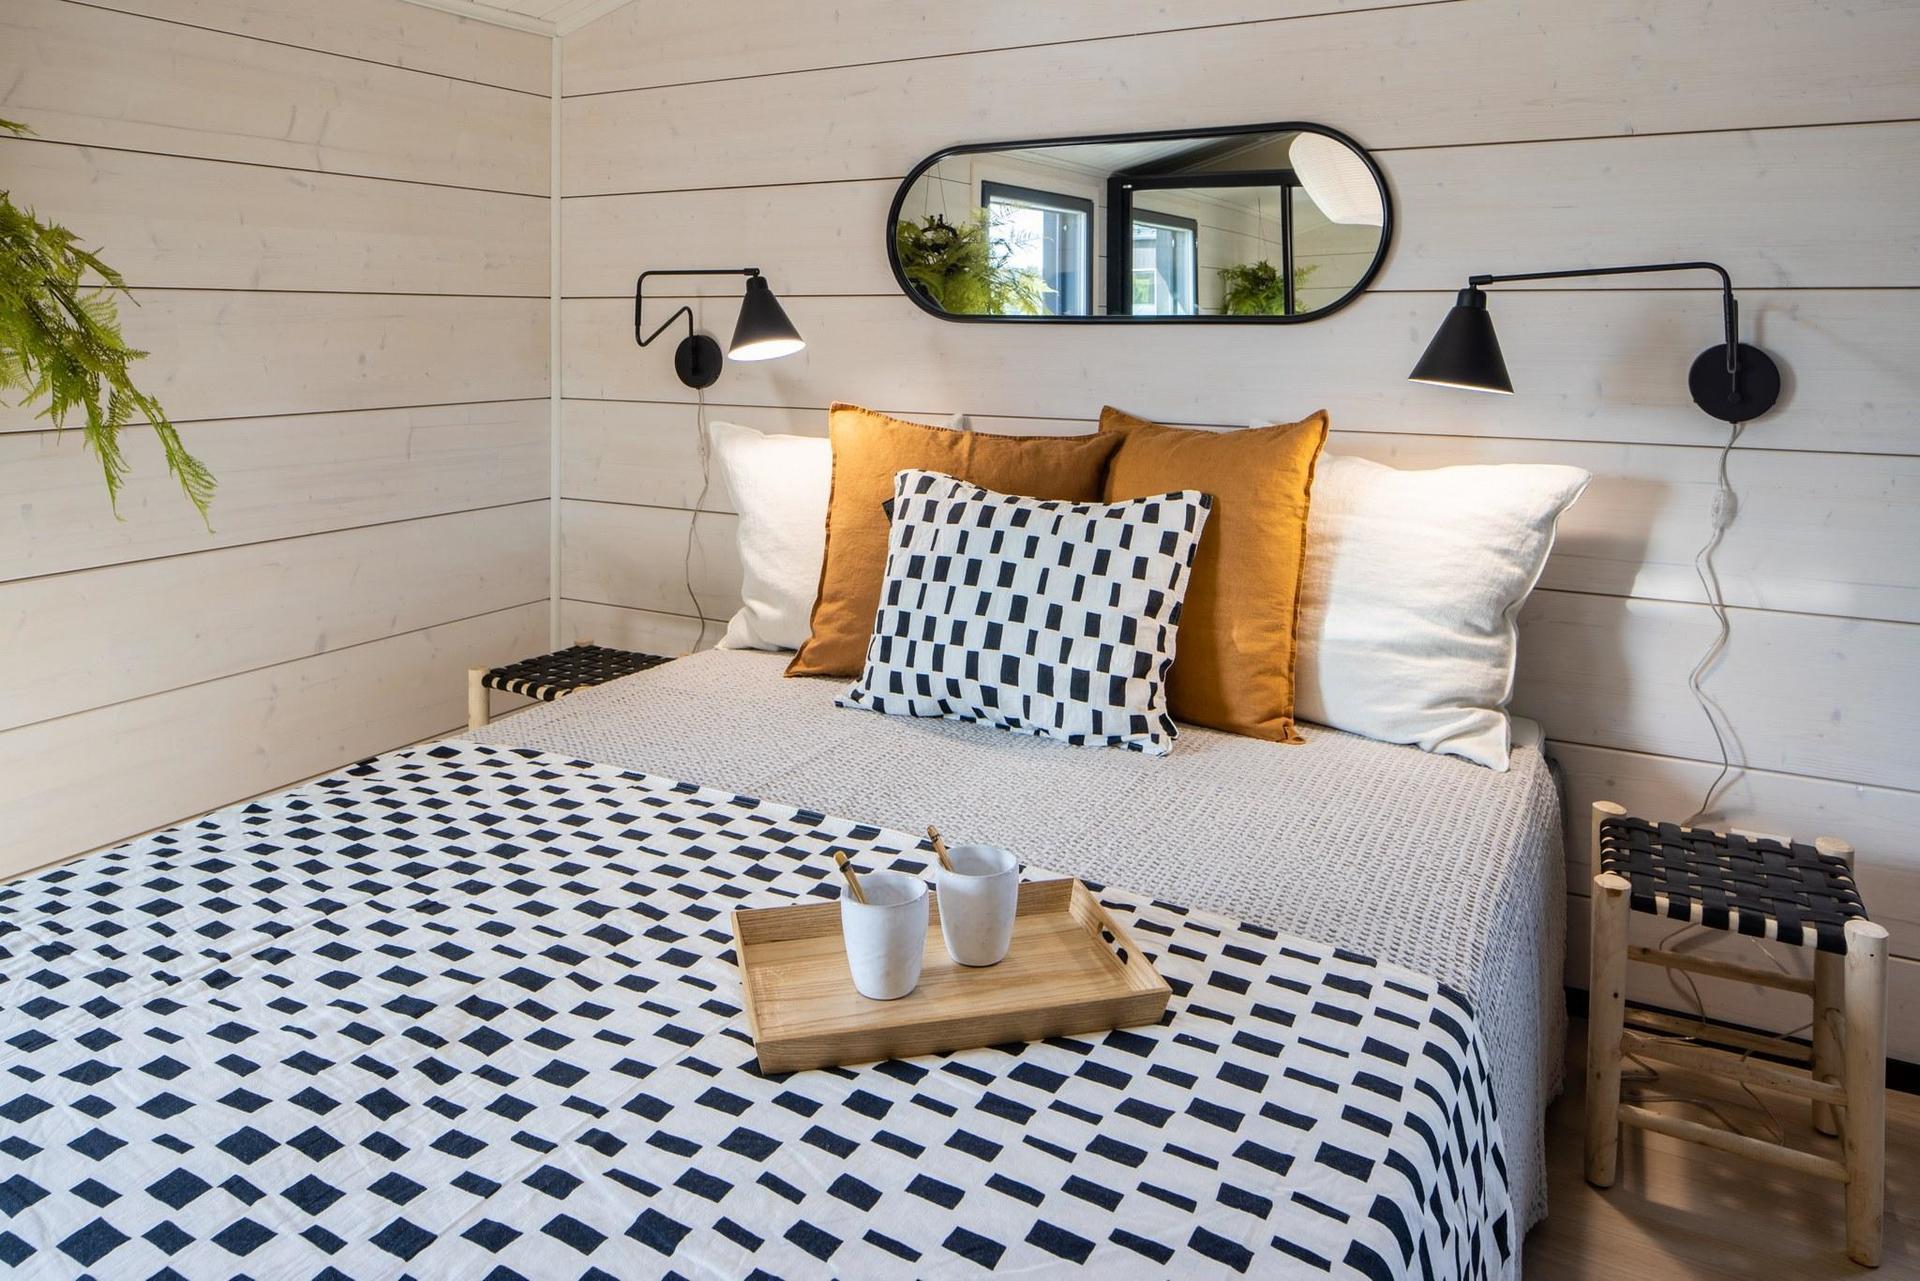 Finnlamelli Linnamajurin makuuhuone modernilla tasanurkalla